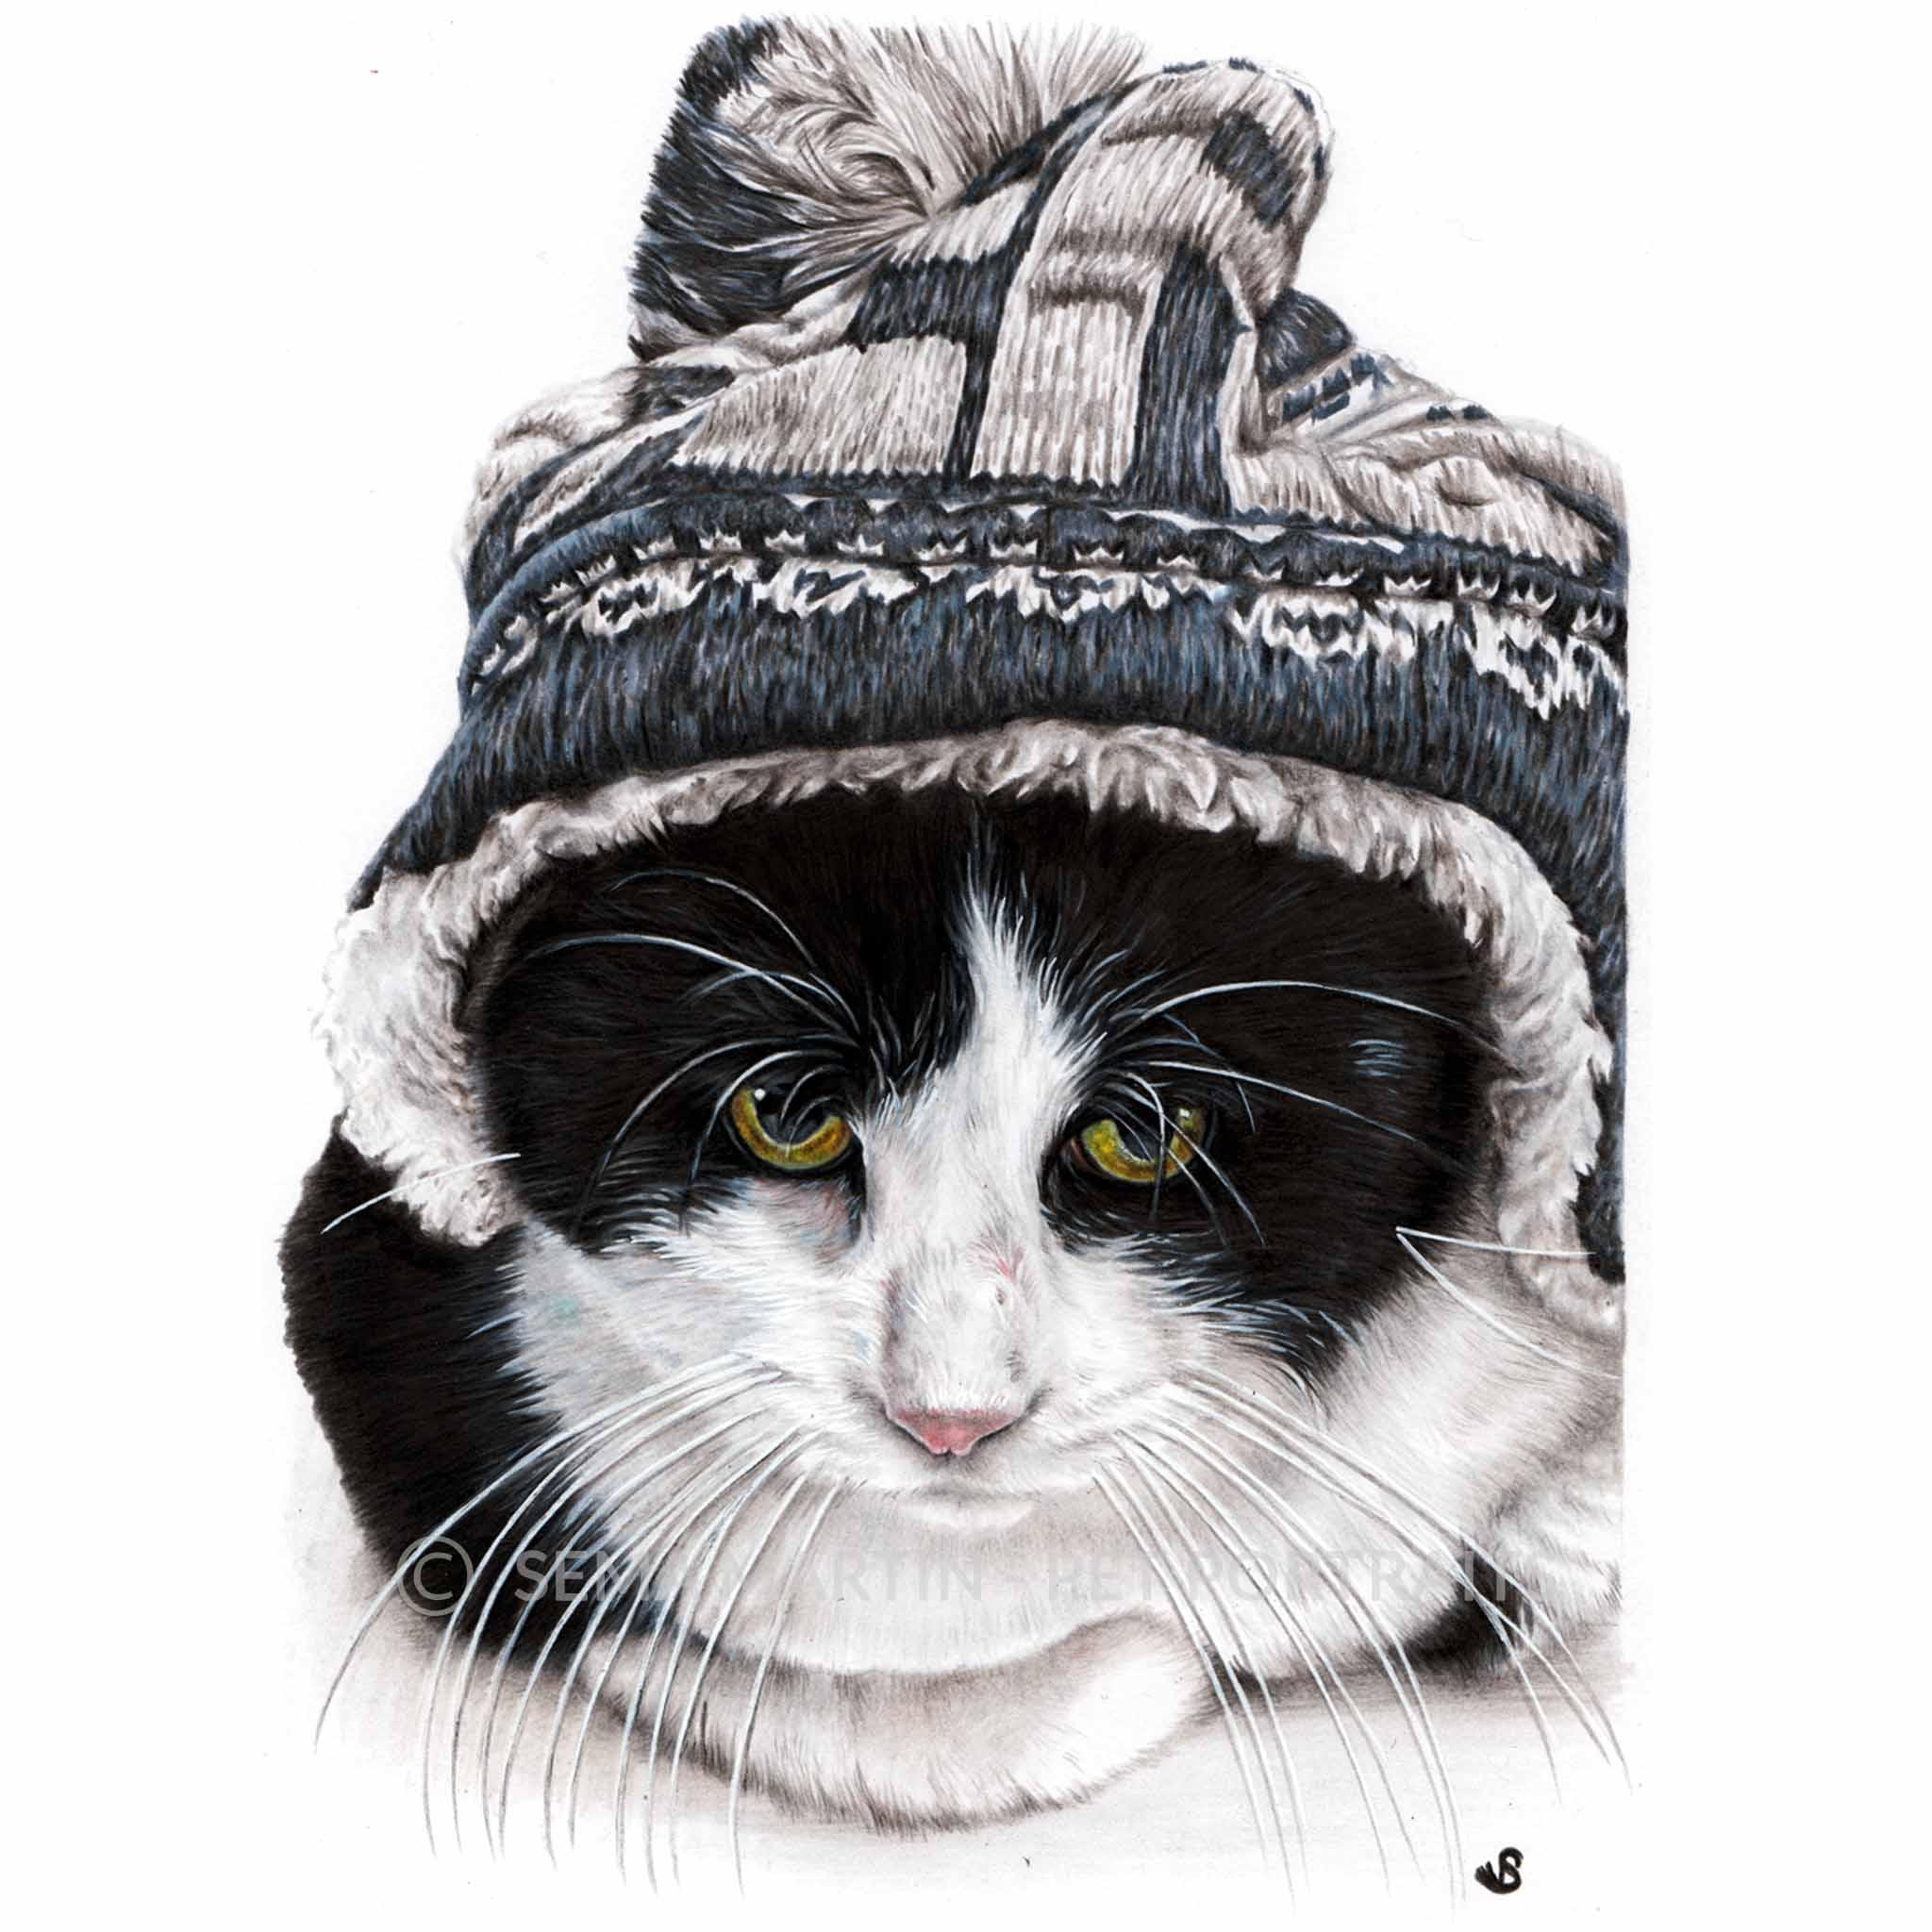 'Luna Lovegroove' - Malta, 8.3 x 11.7 inches, 2018, Colour Pencil Cat Portrait by Sema Martin